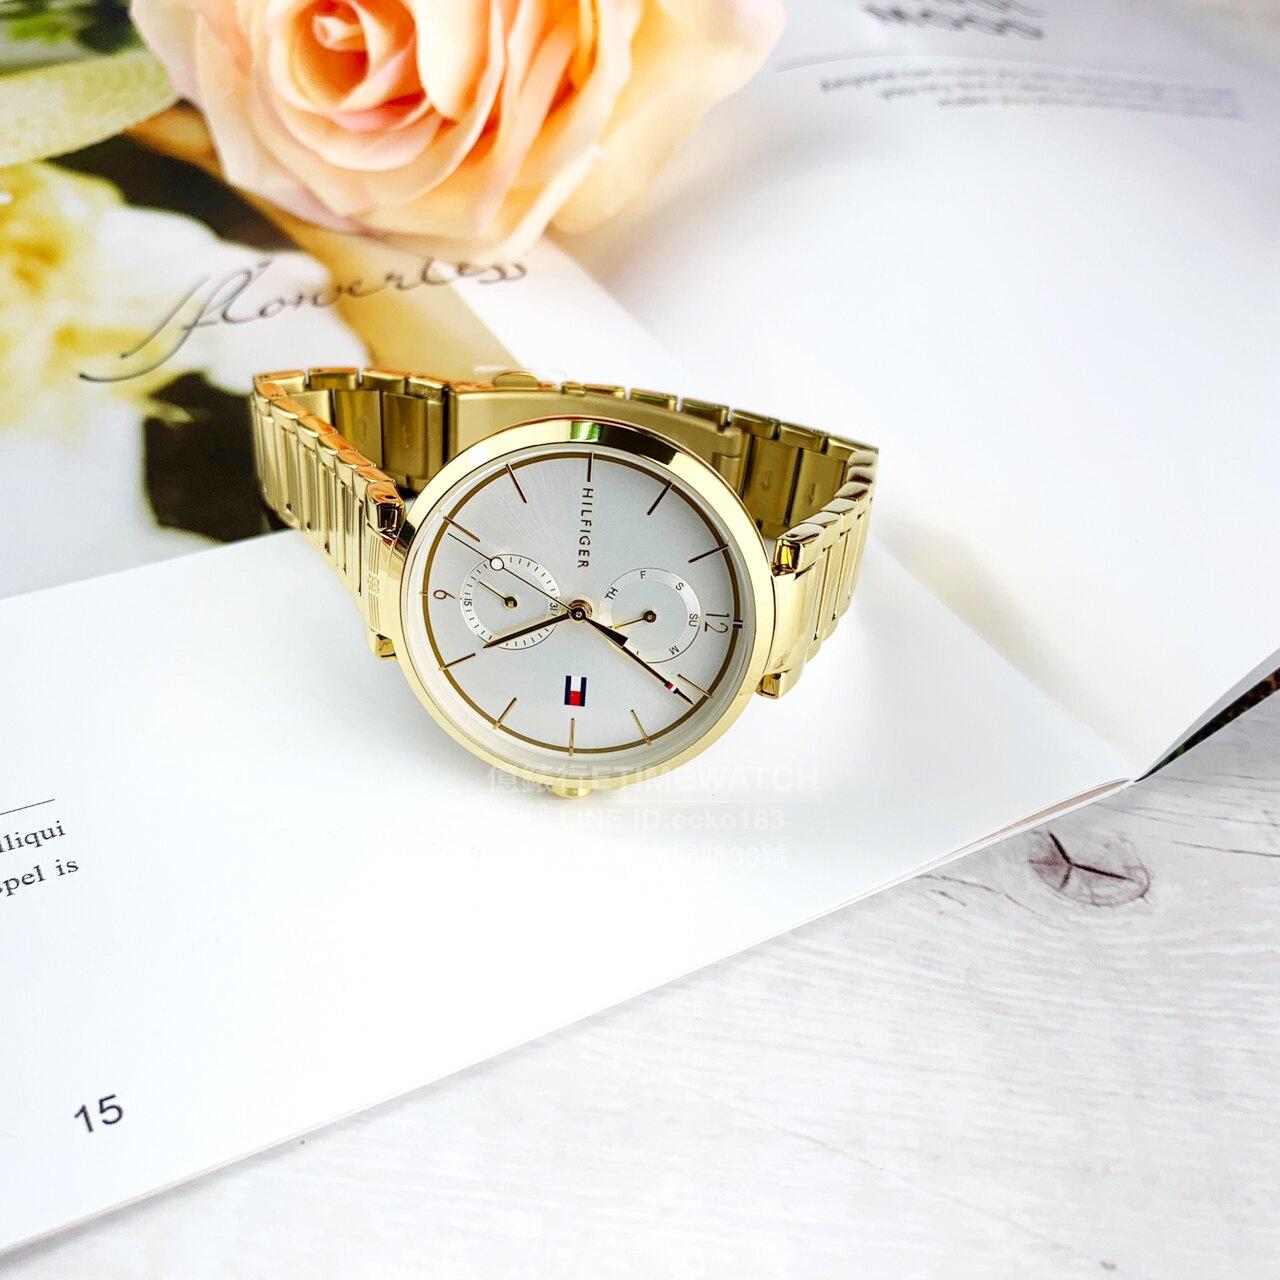 TOMMY-HILFIGER簡約日曆時尚腕錶TH700032/1782128原廠公司貨